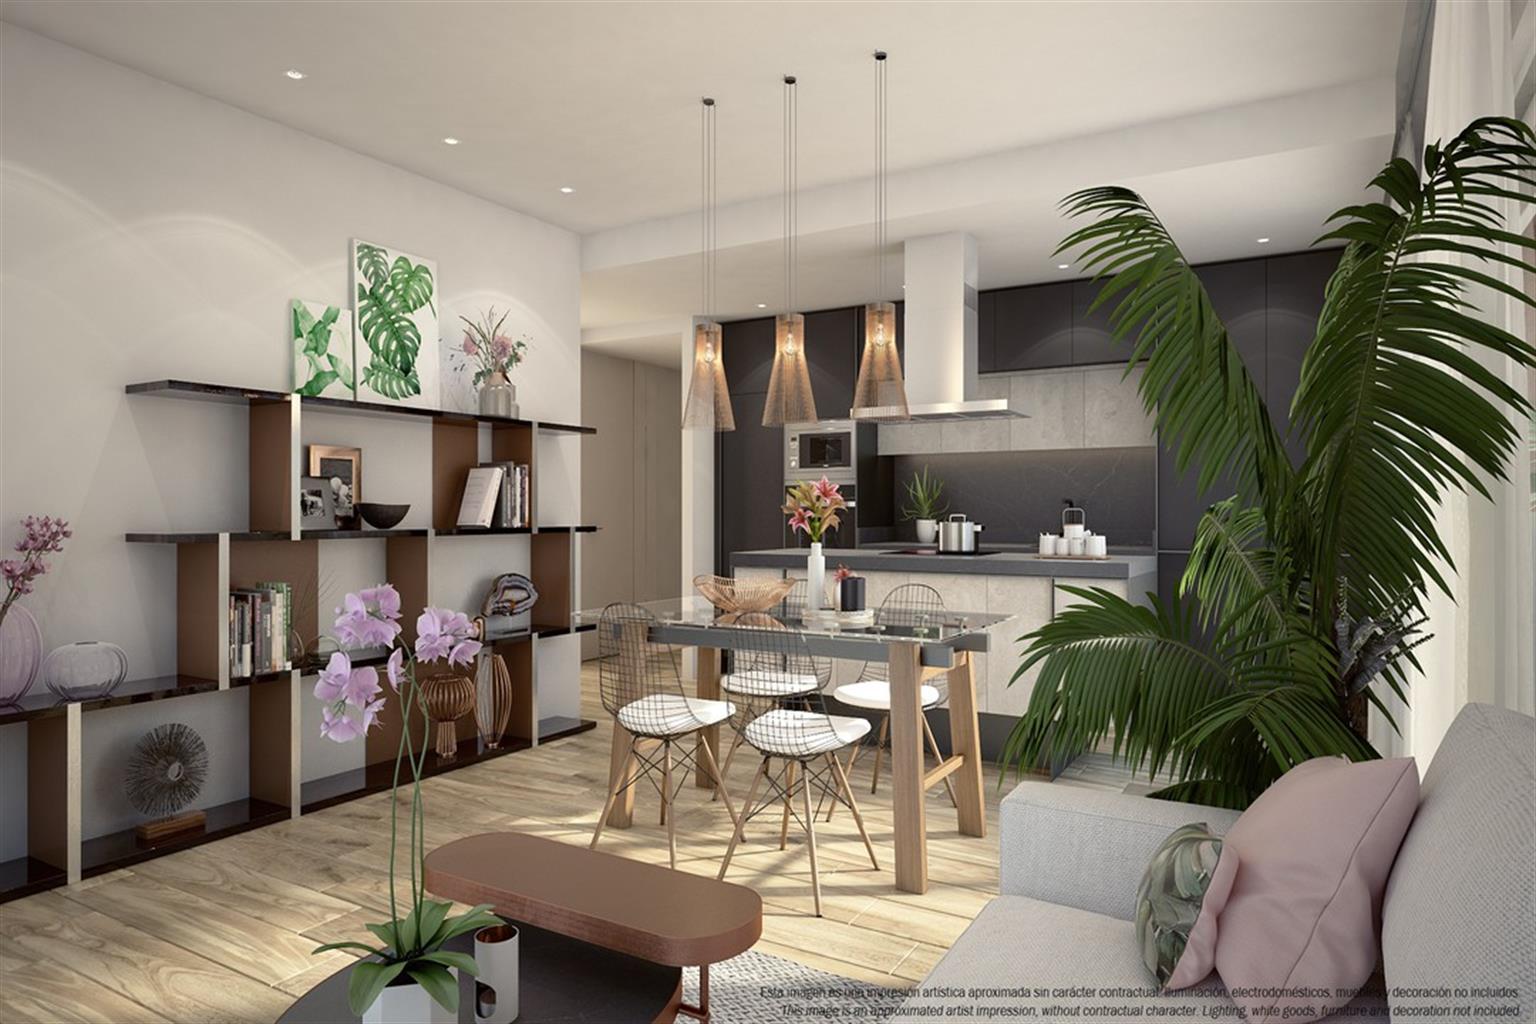 Appartement - Punta prima  - #4230209-38